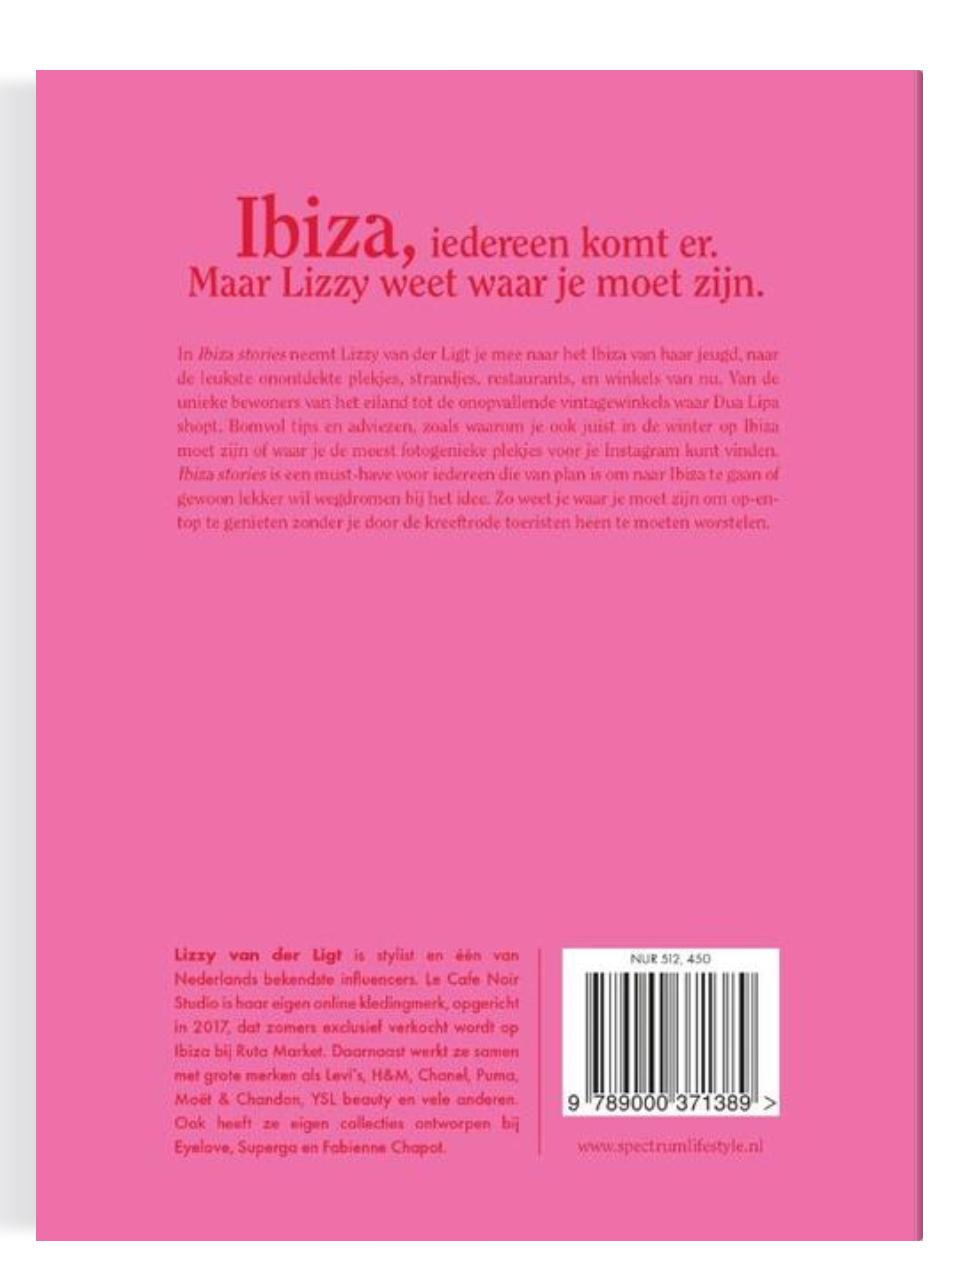 Boek - Ibiza Stories - Spectrum-2